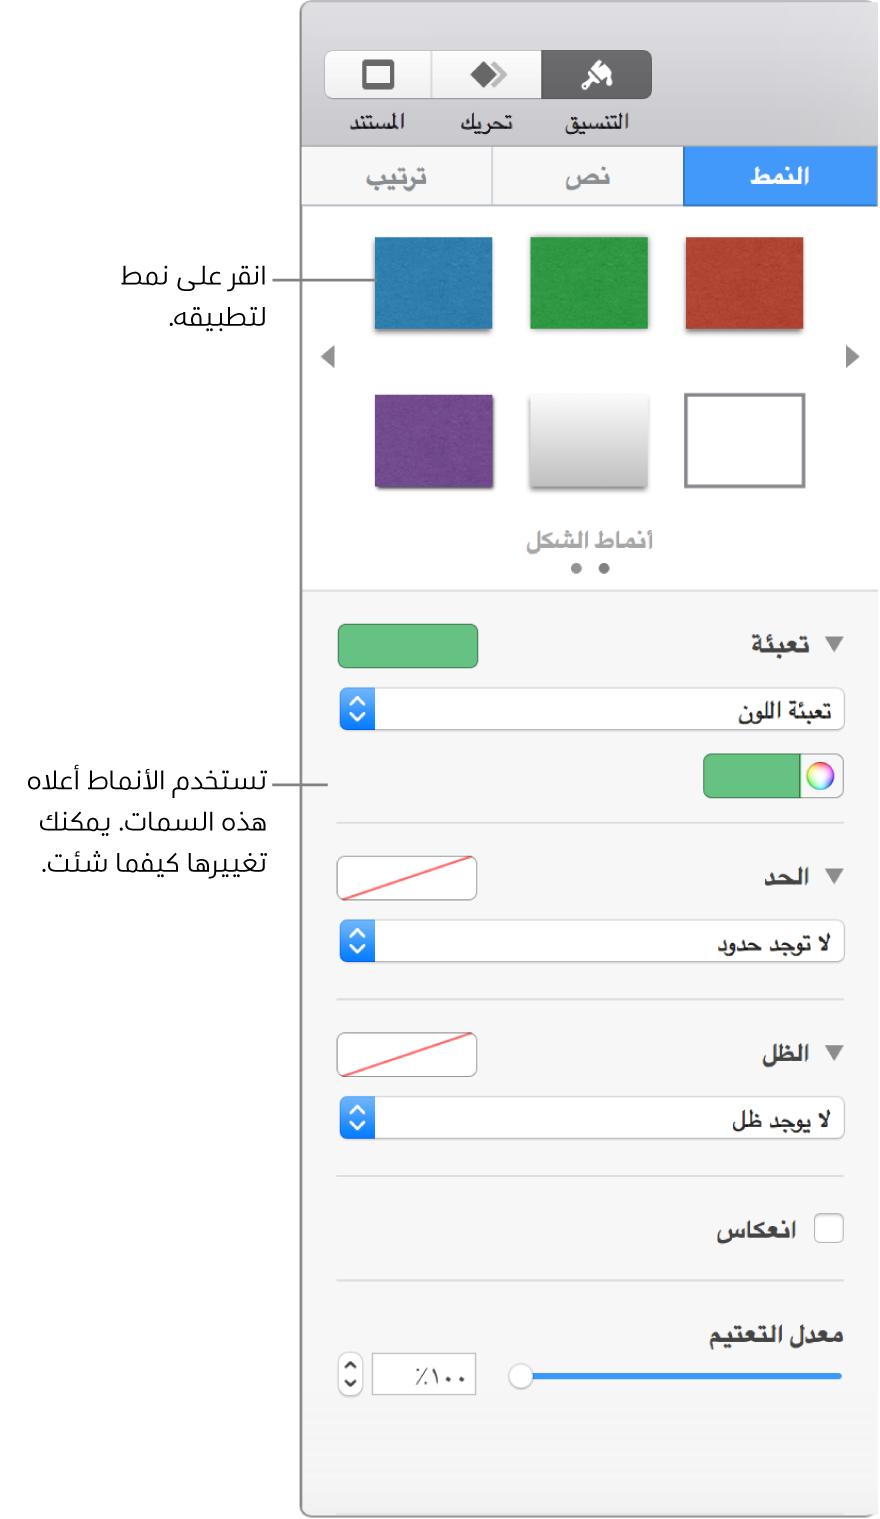 أنماط وخيارات الشكل في قسم التنسيق على الشريط الجانبي.